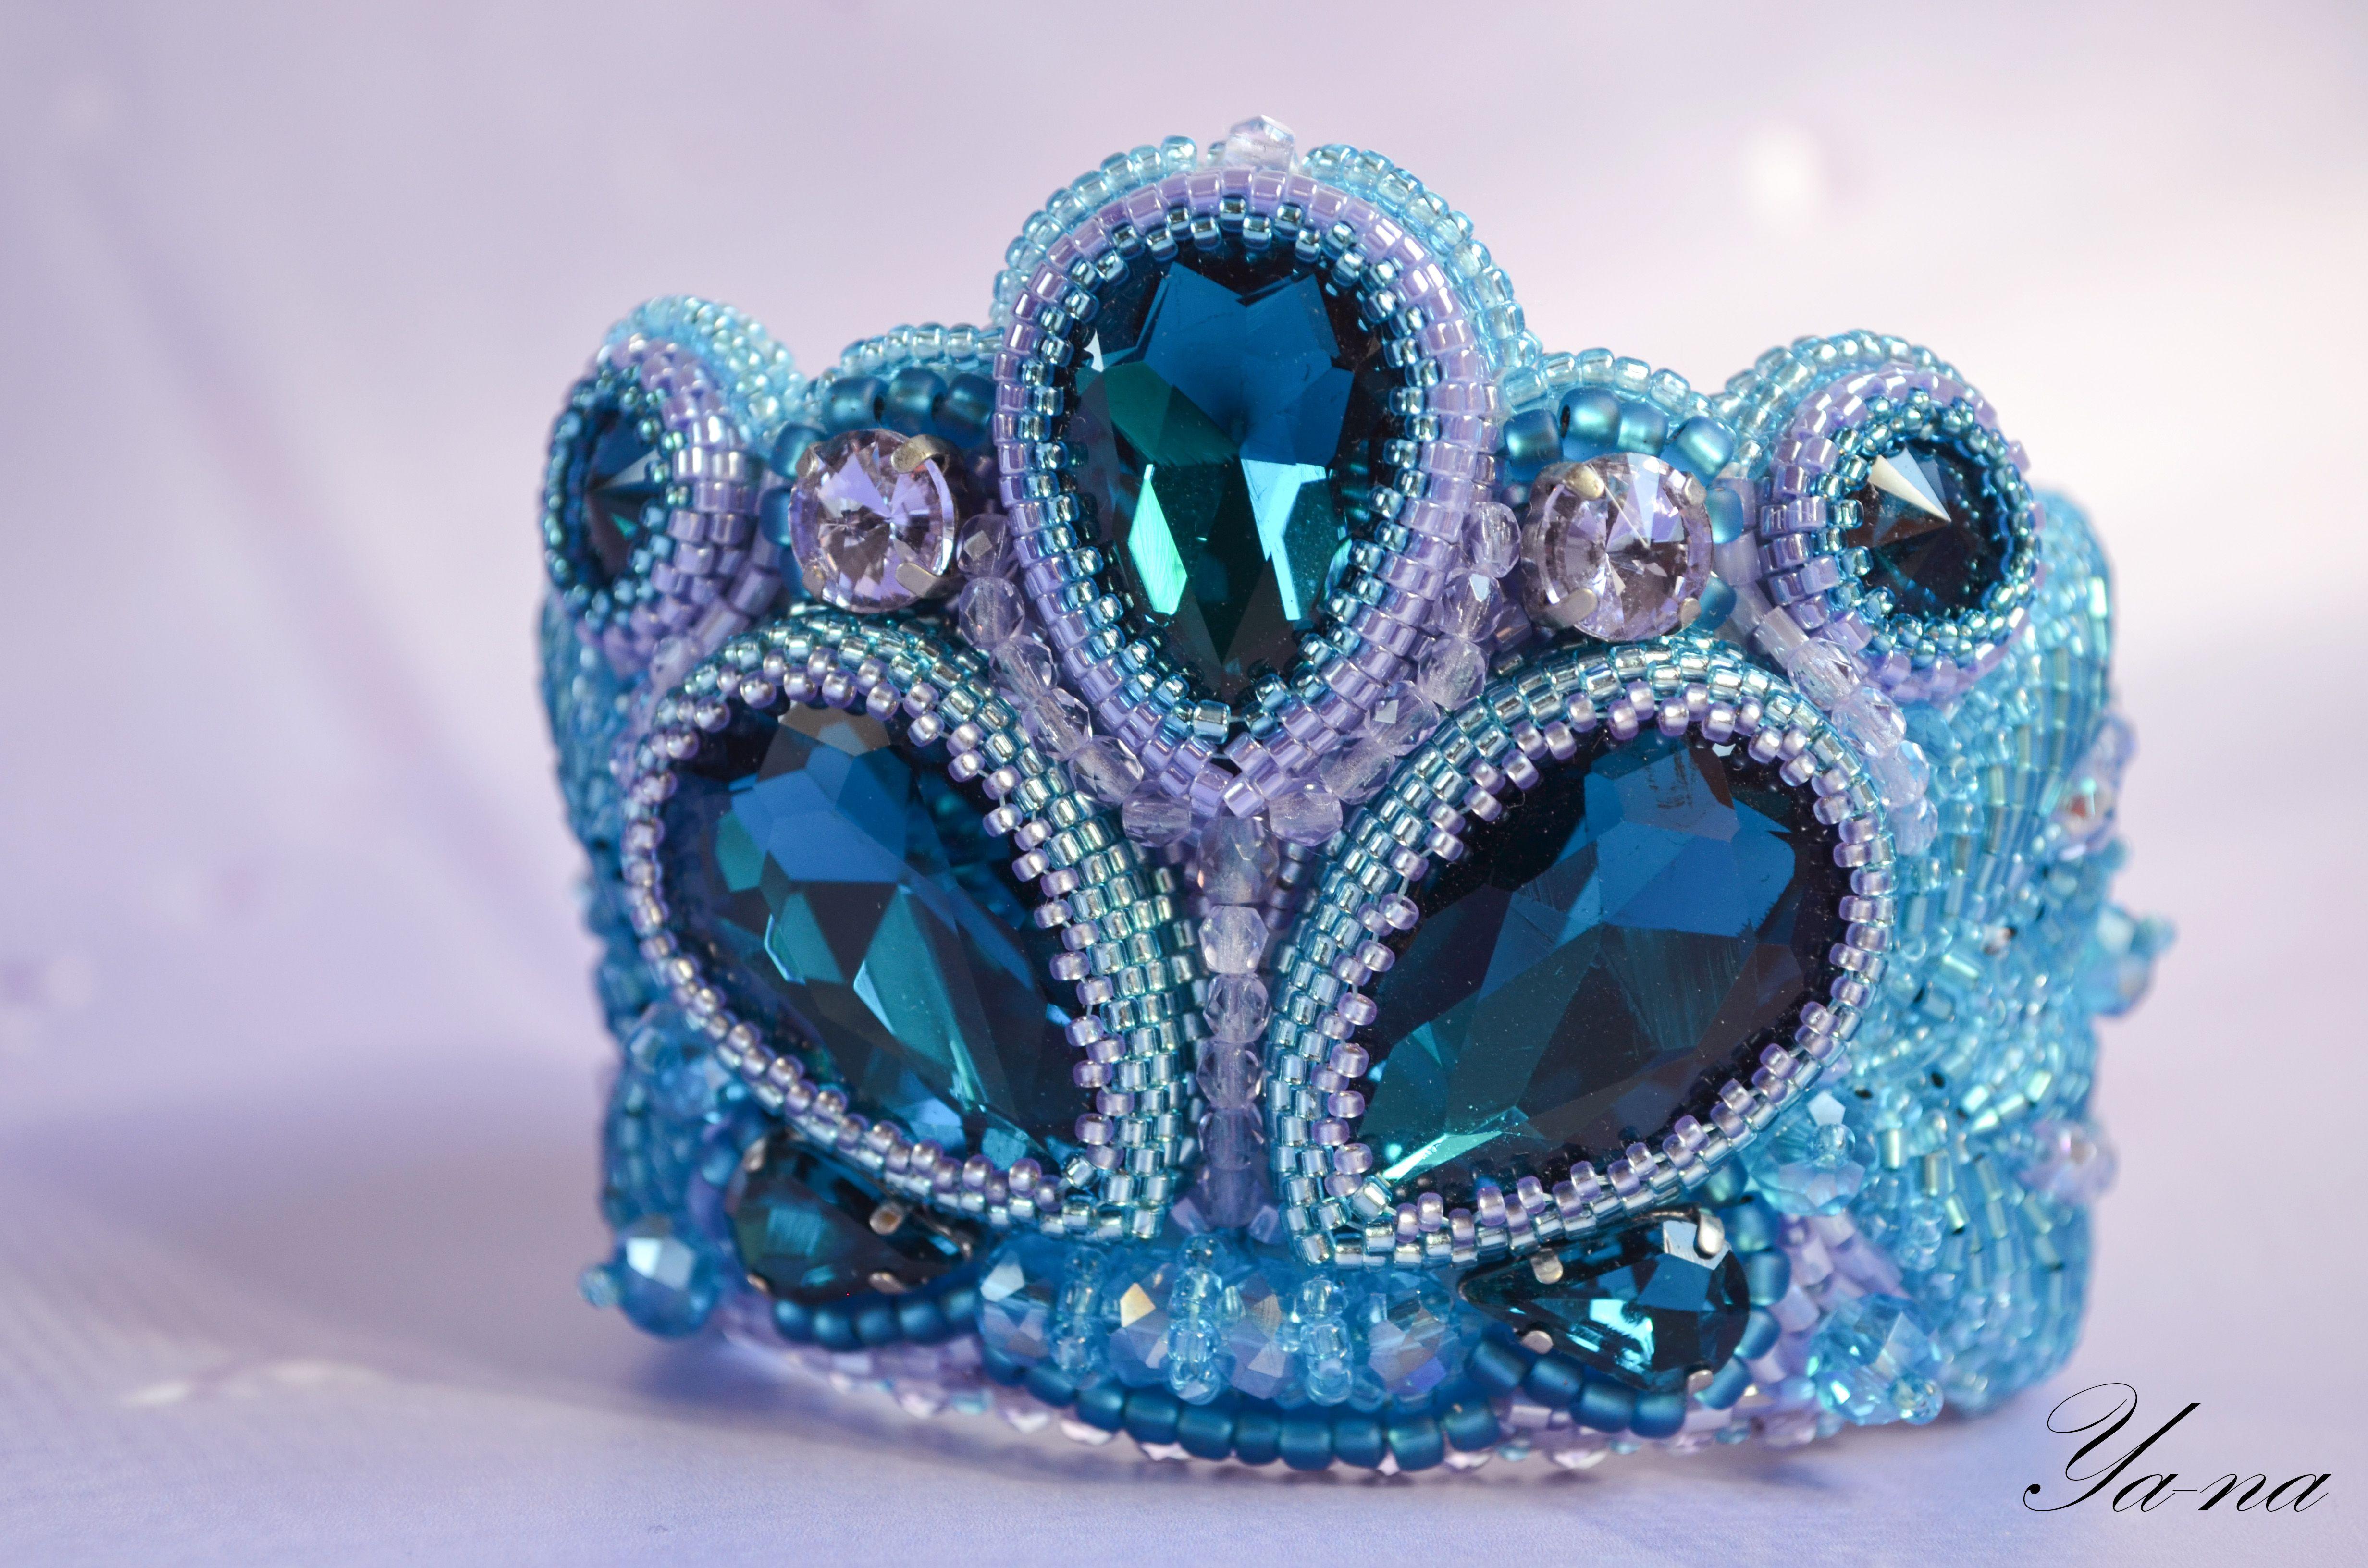 ручнаяработа голубойбраслет браслет браслетнаруку длядевушки купитьбраслет новосибирск длялюбимой бижутерия